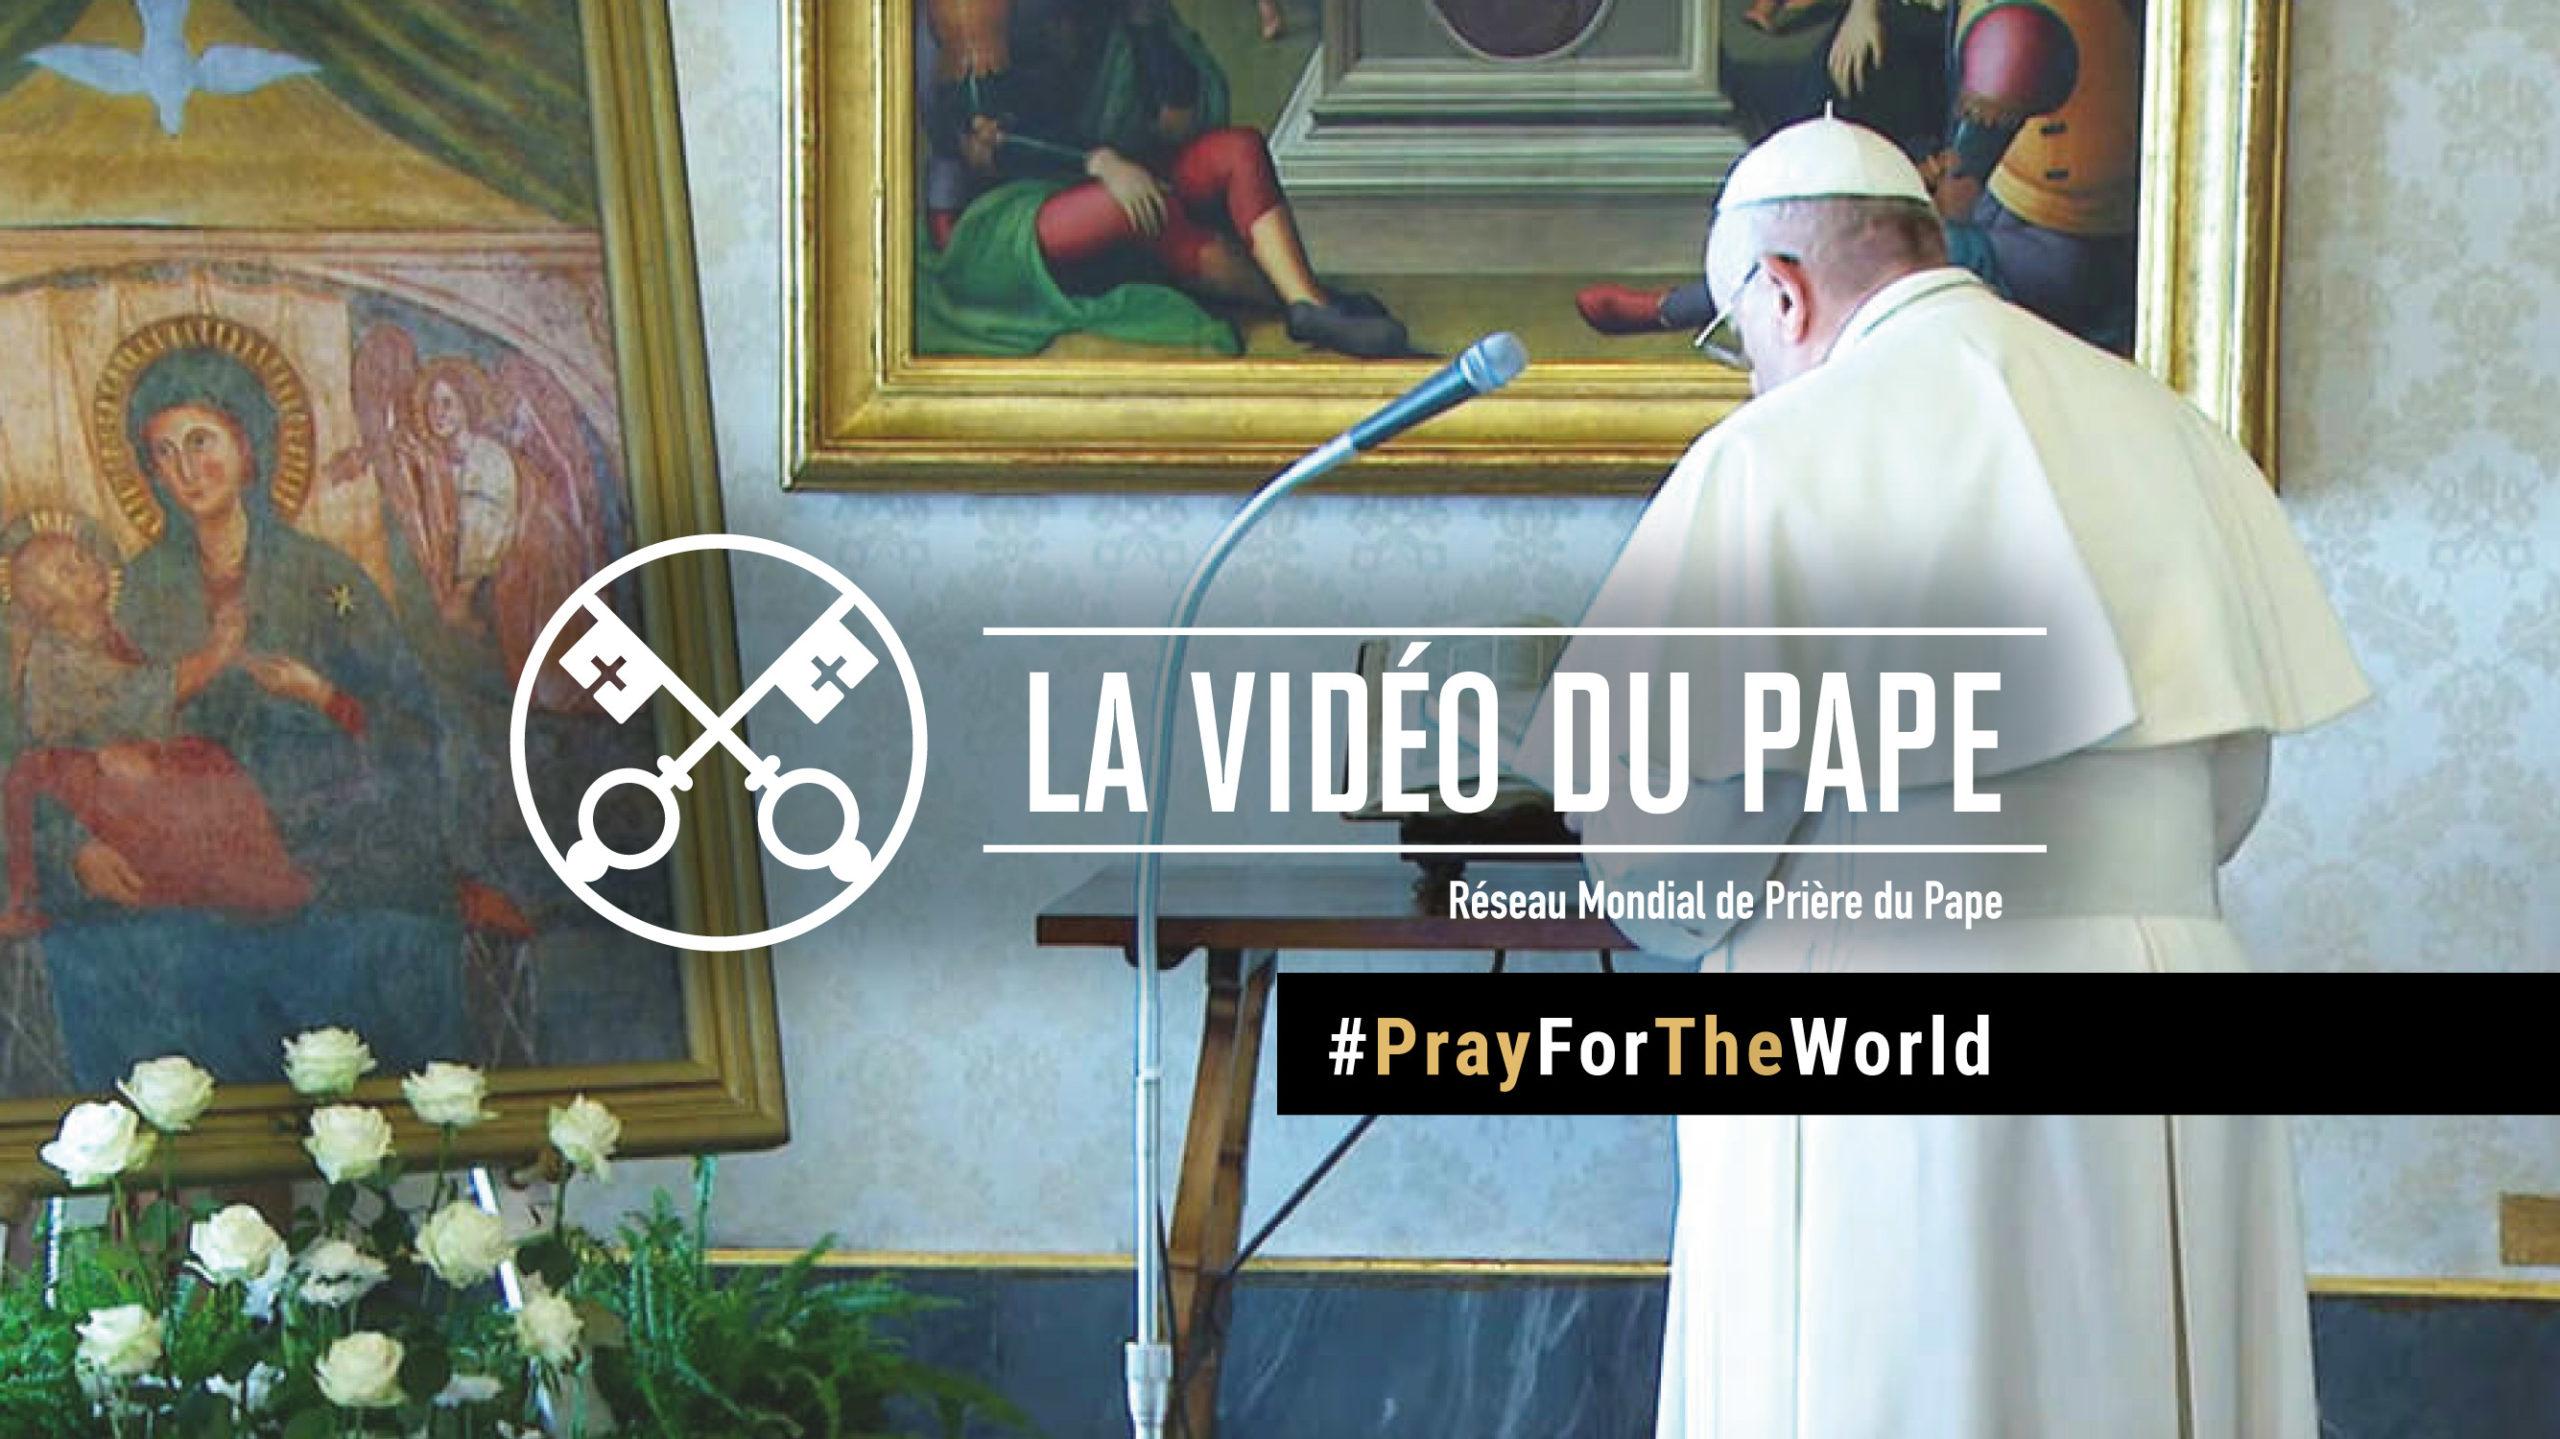 © La Vidéo du Pape, 25 mars 2020